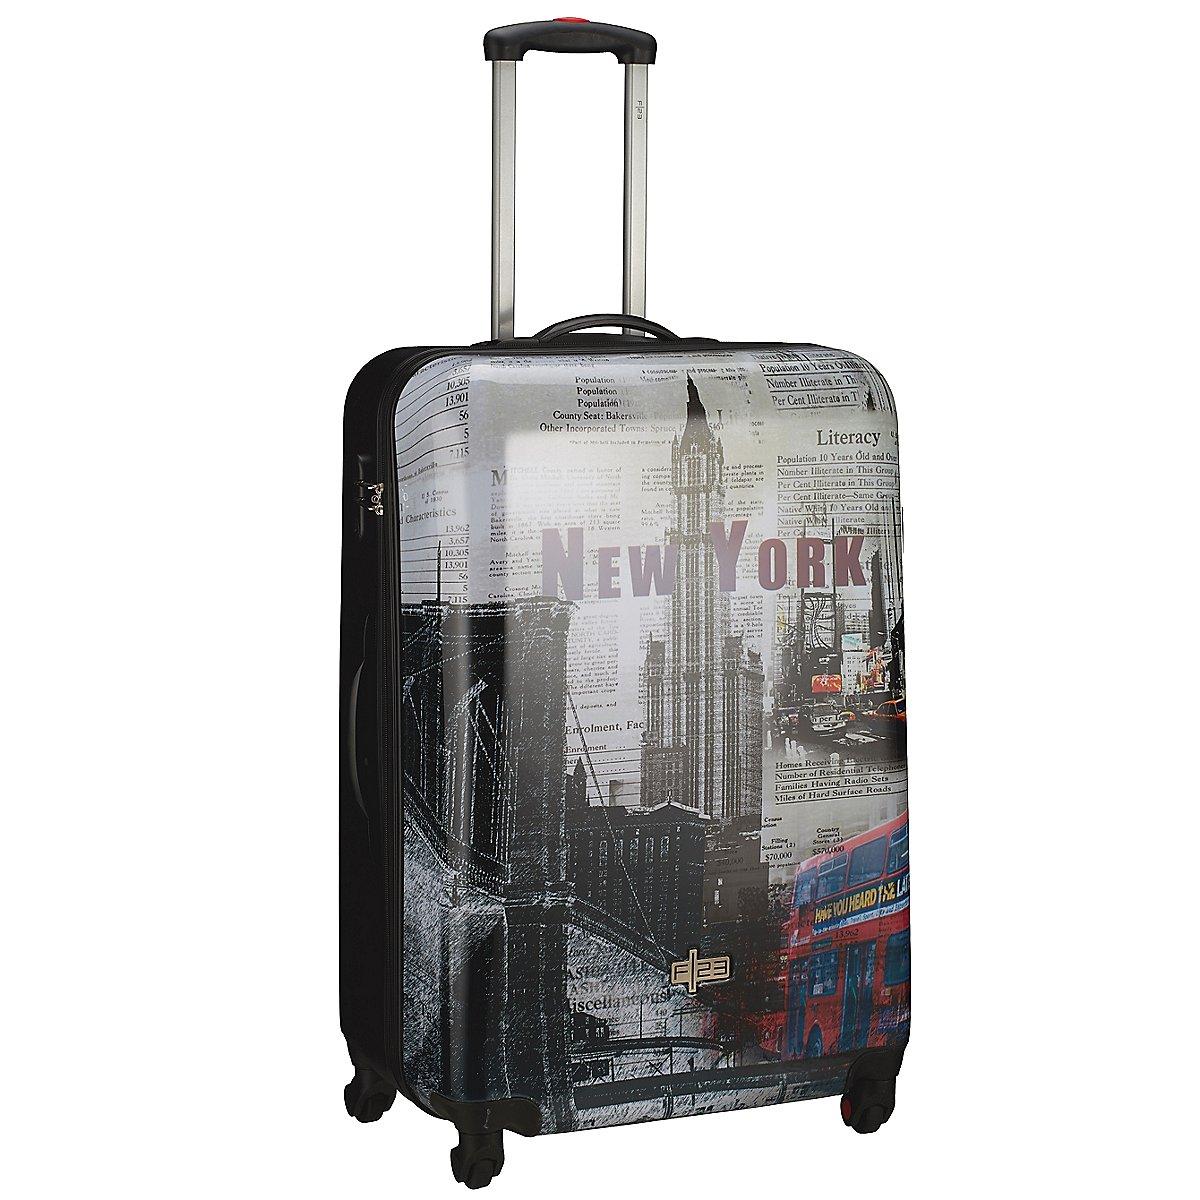 f23 travel metropol 4 rollen trolley 64 cm koffer. Black Bedroom Furniture Sets. Home Design Ideas